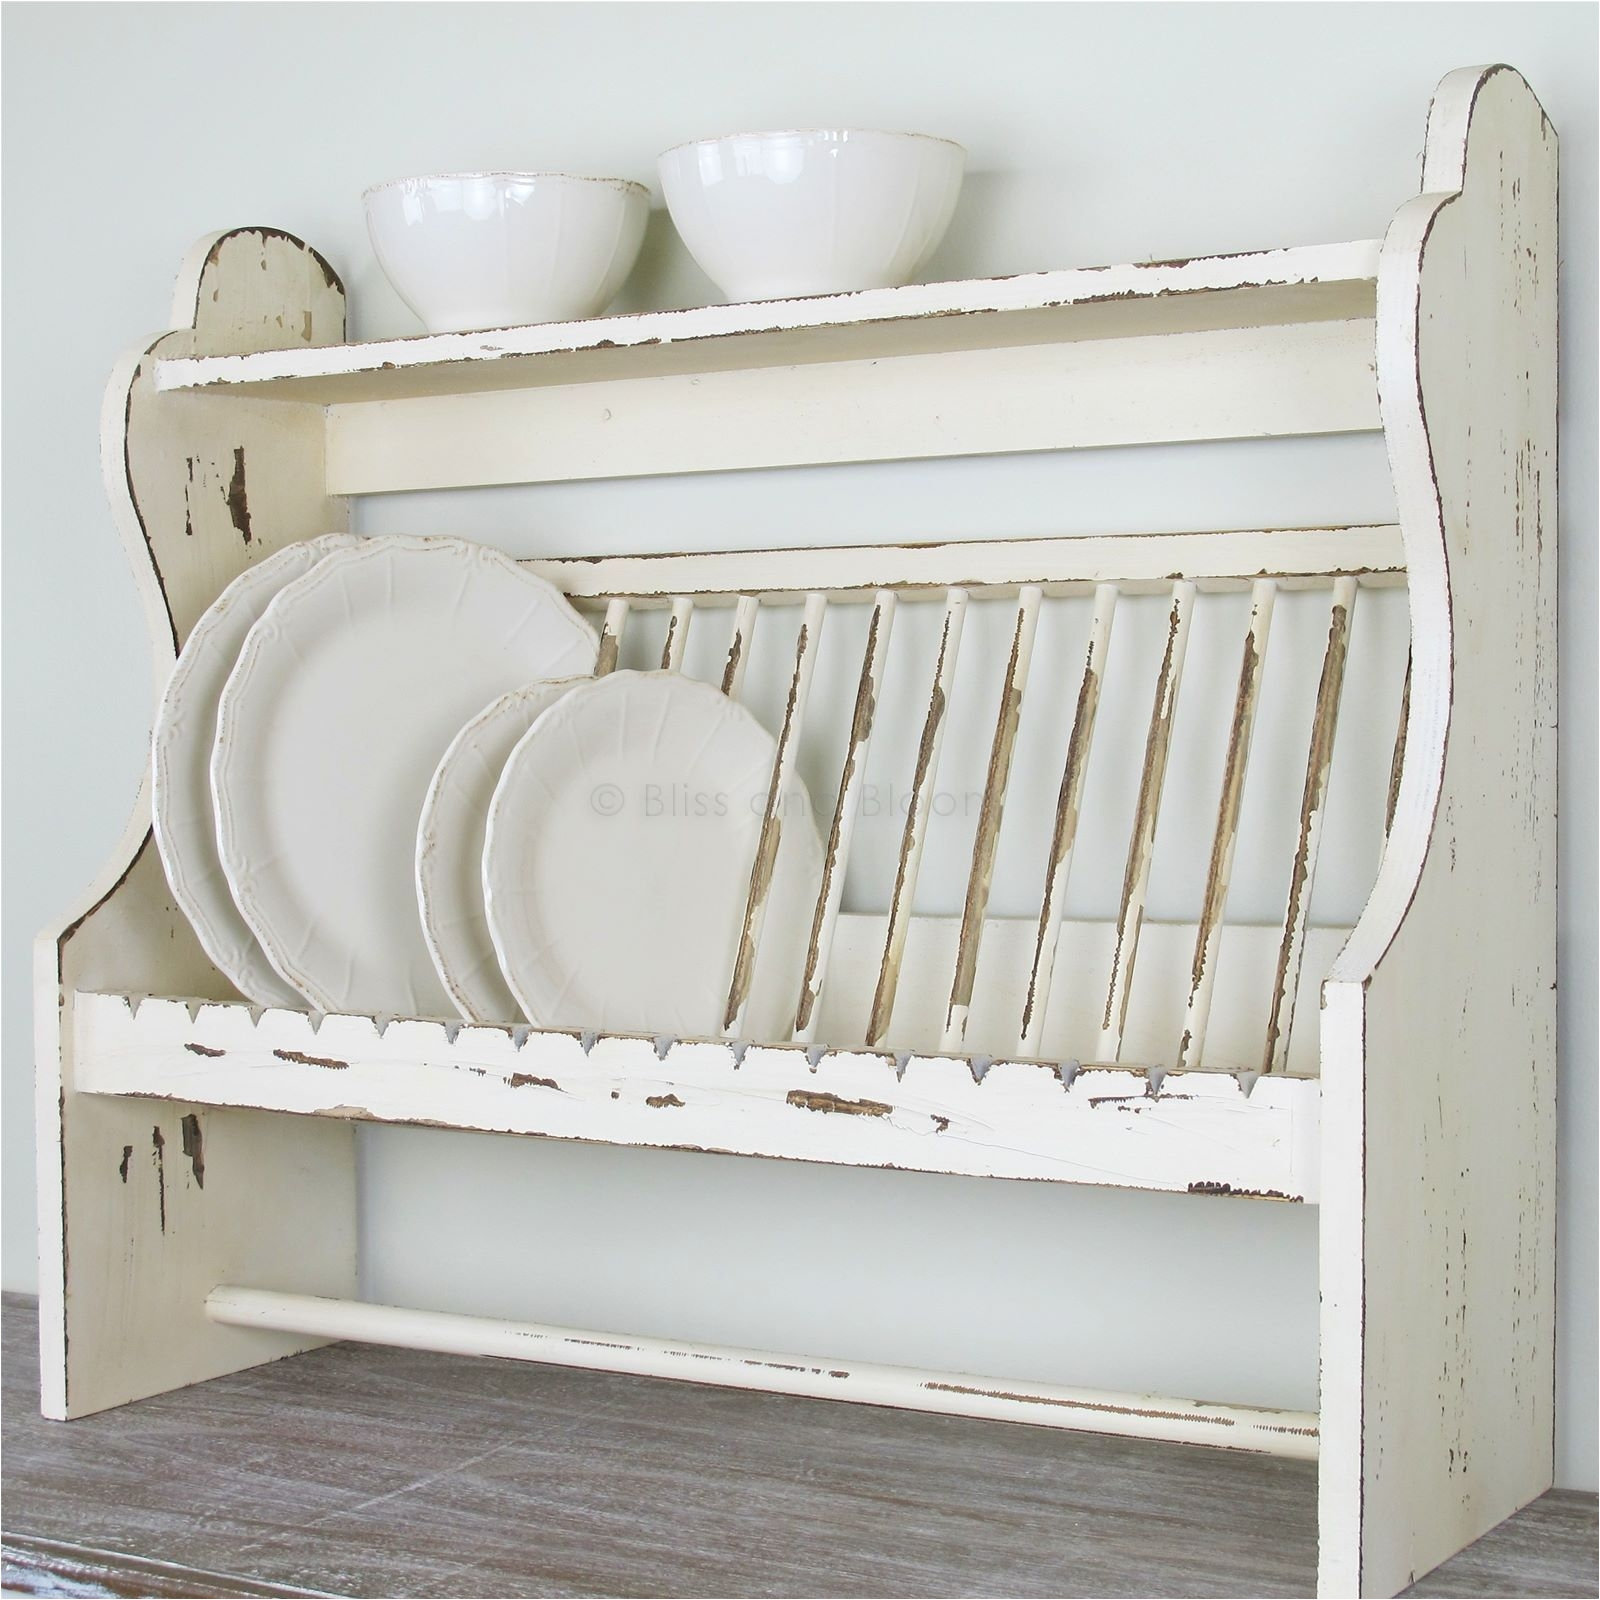 wooden plate rack shelf code rxi21764